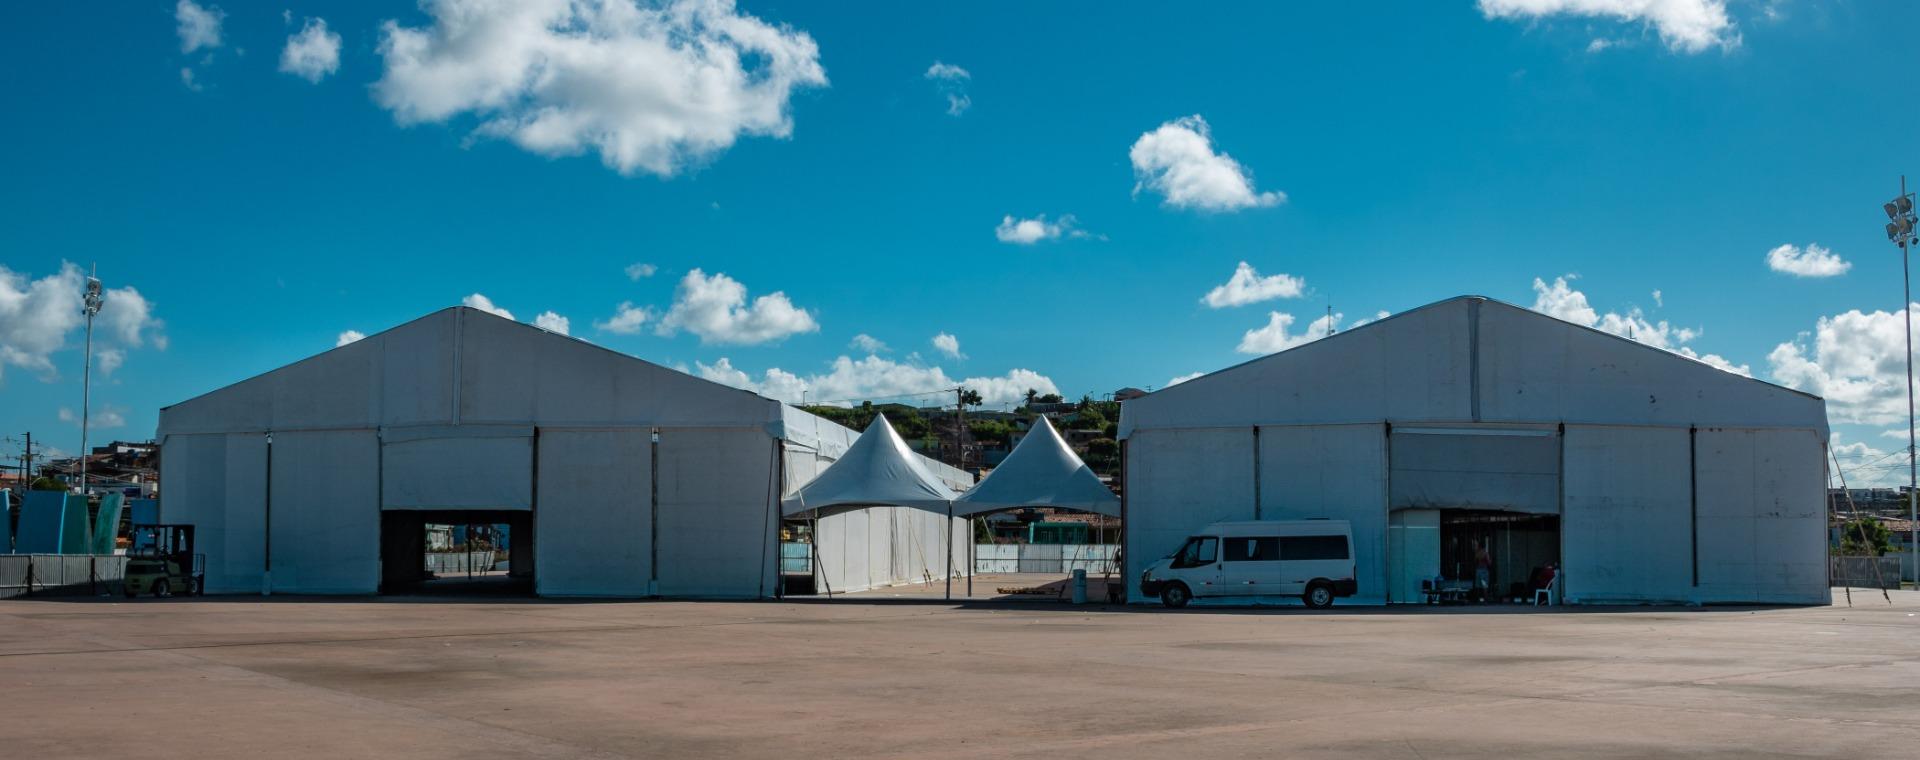 A obra do Hospital de Campanha na Praça 09 de Julho, no Cabo de Santo Agostinho/PE que vai disponibilizar 120 leitos para o casos de coronavírus, está muito avançada